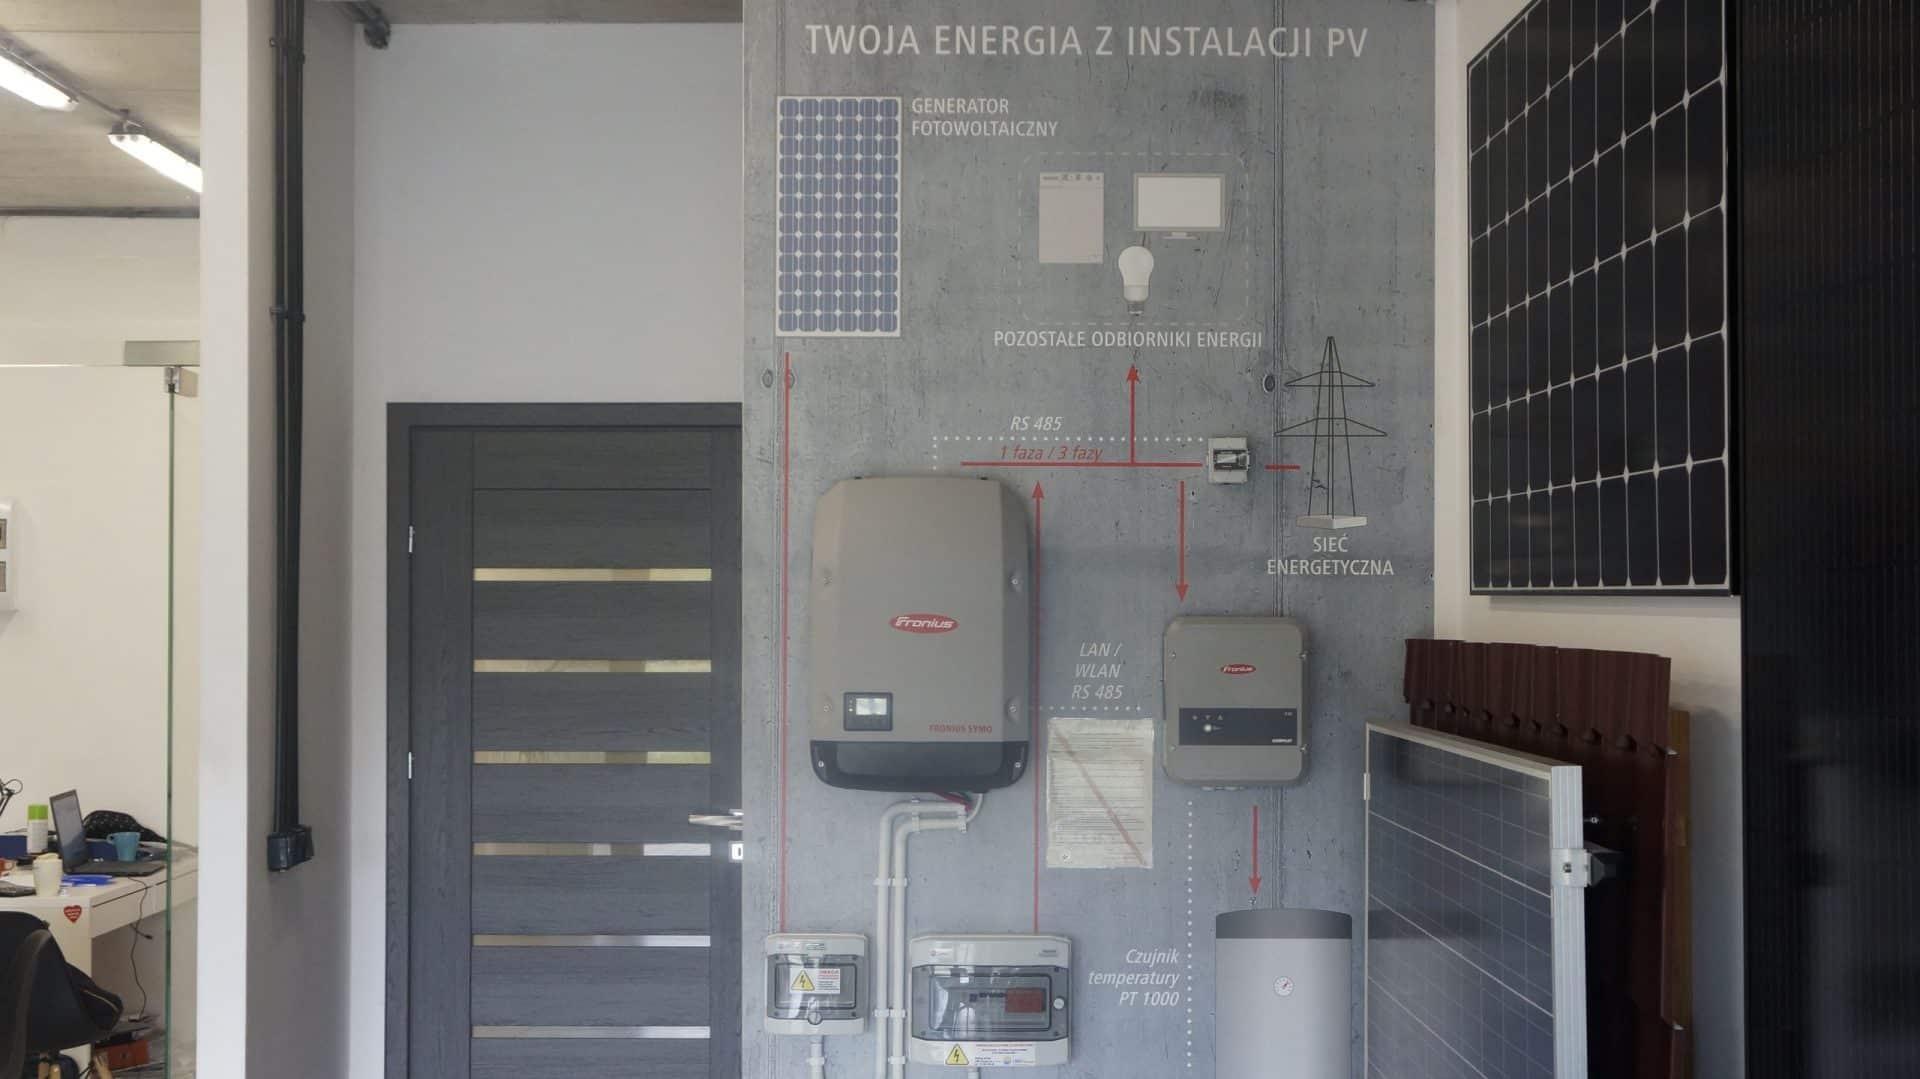 Falownik to serce domowej elektrowni słonecznej. Jak wybrać dobry falownik? LMV Group używa falownik Fronius